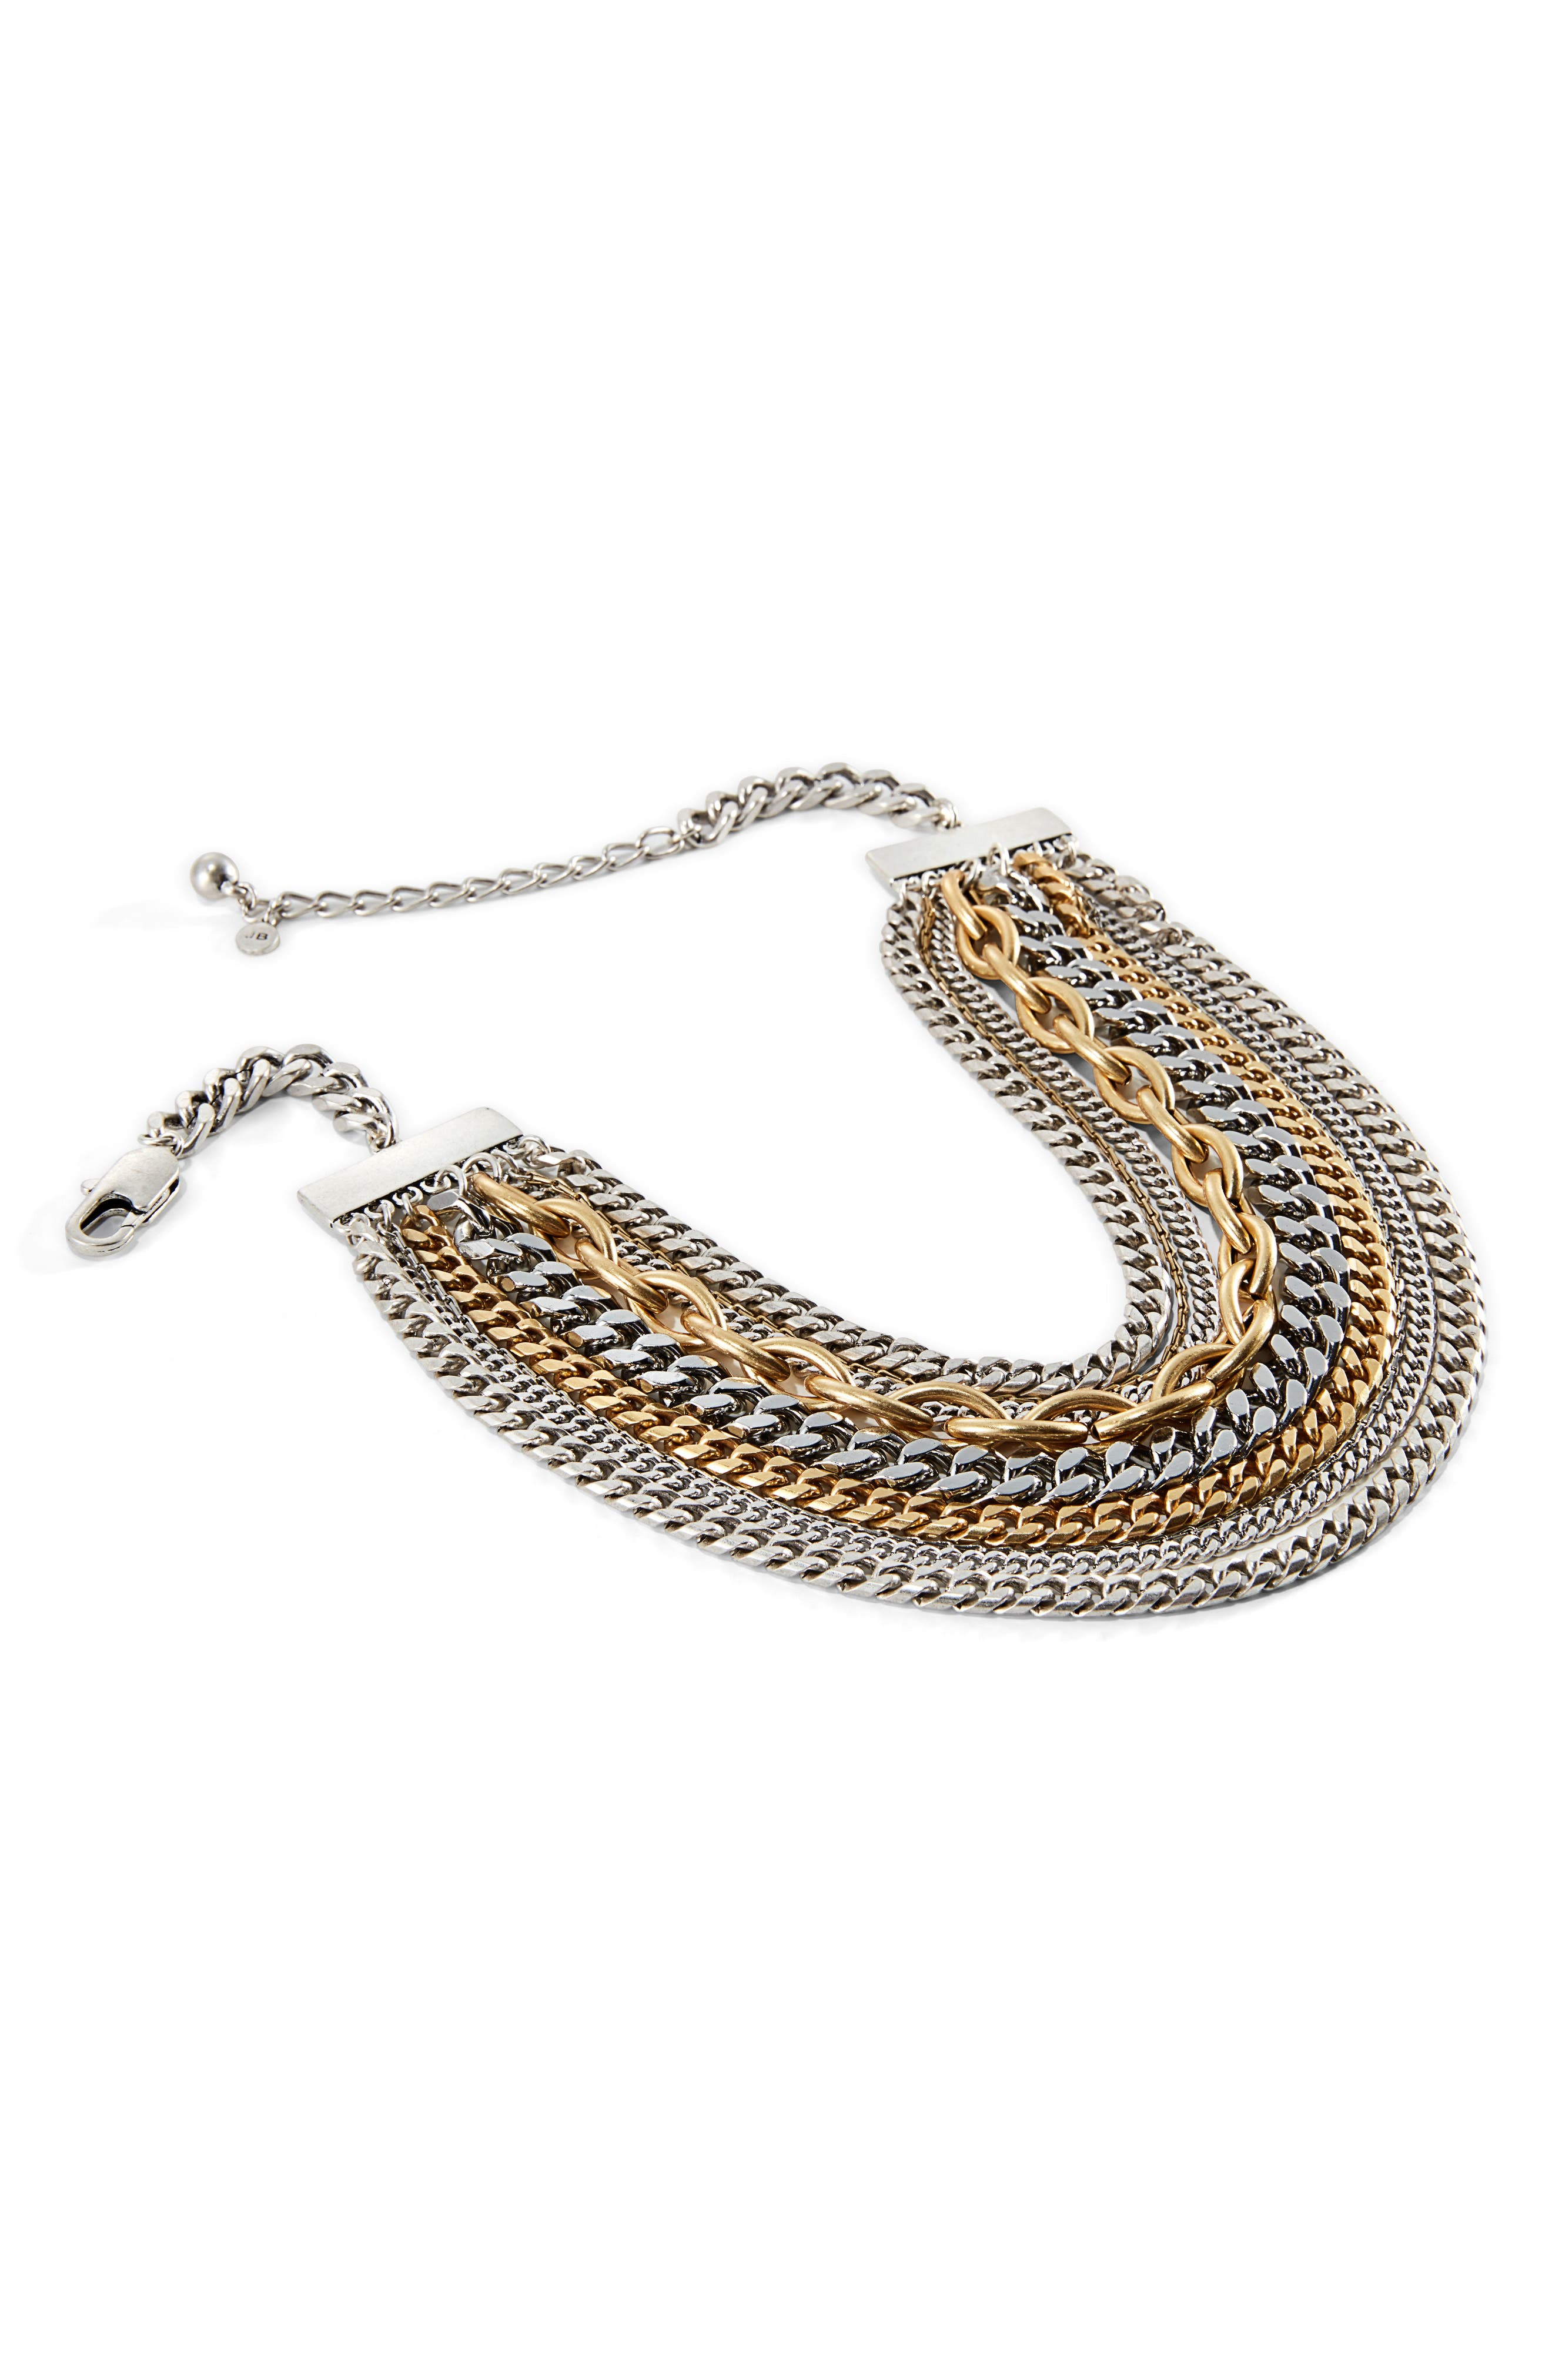 Marra Collar Necklace,                             Main thumbnail 1, color,                             040